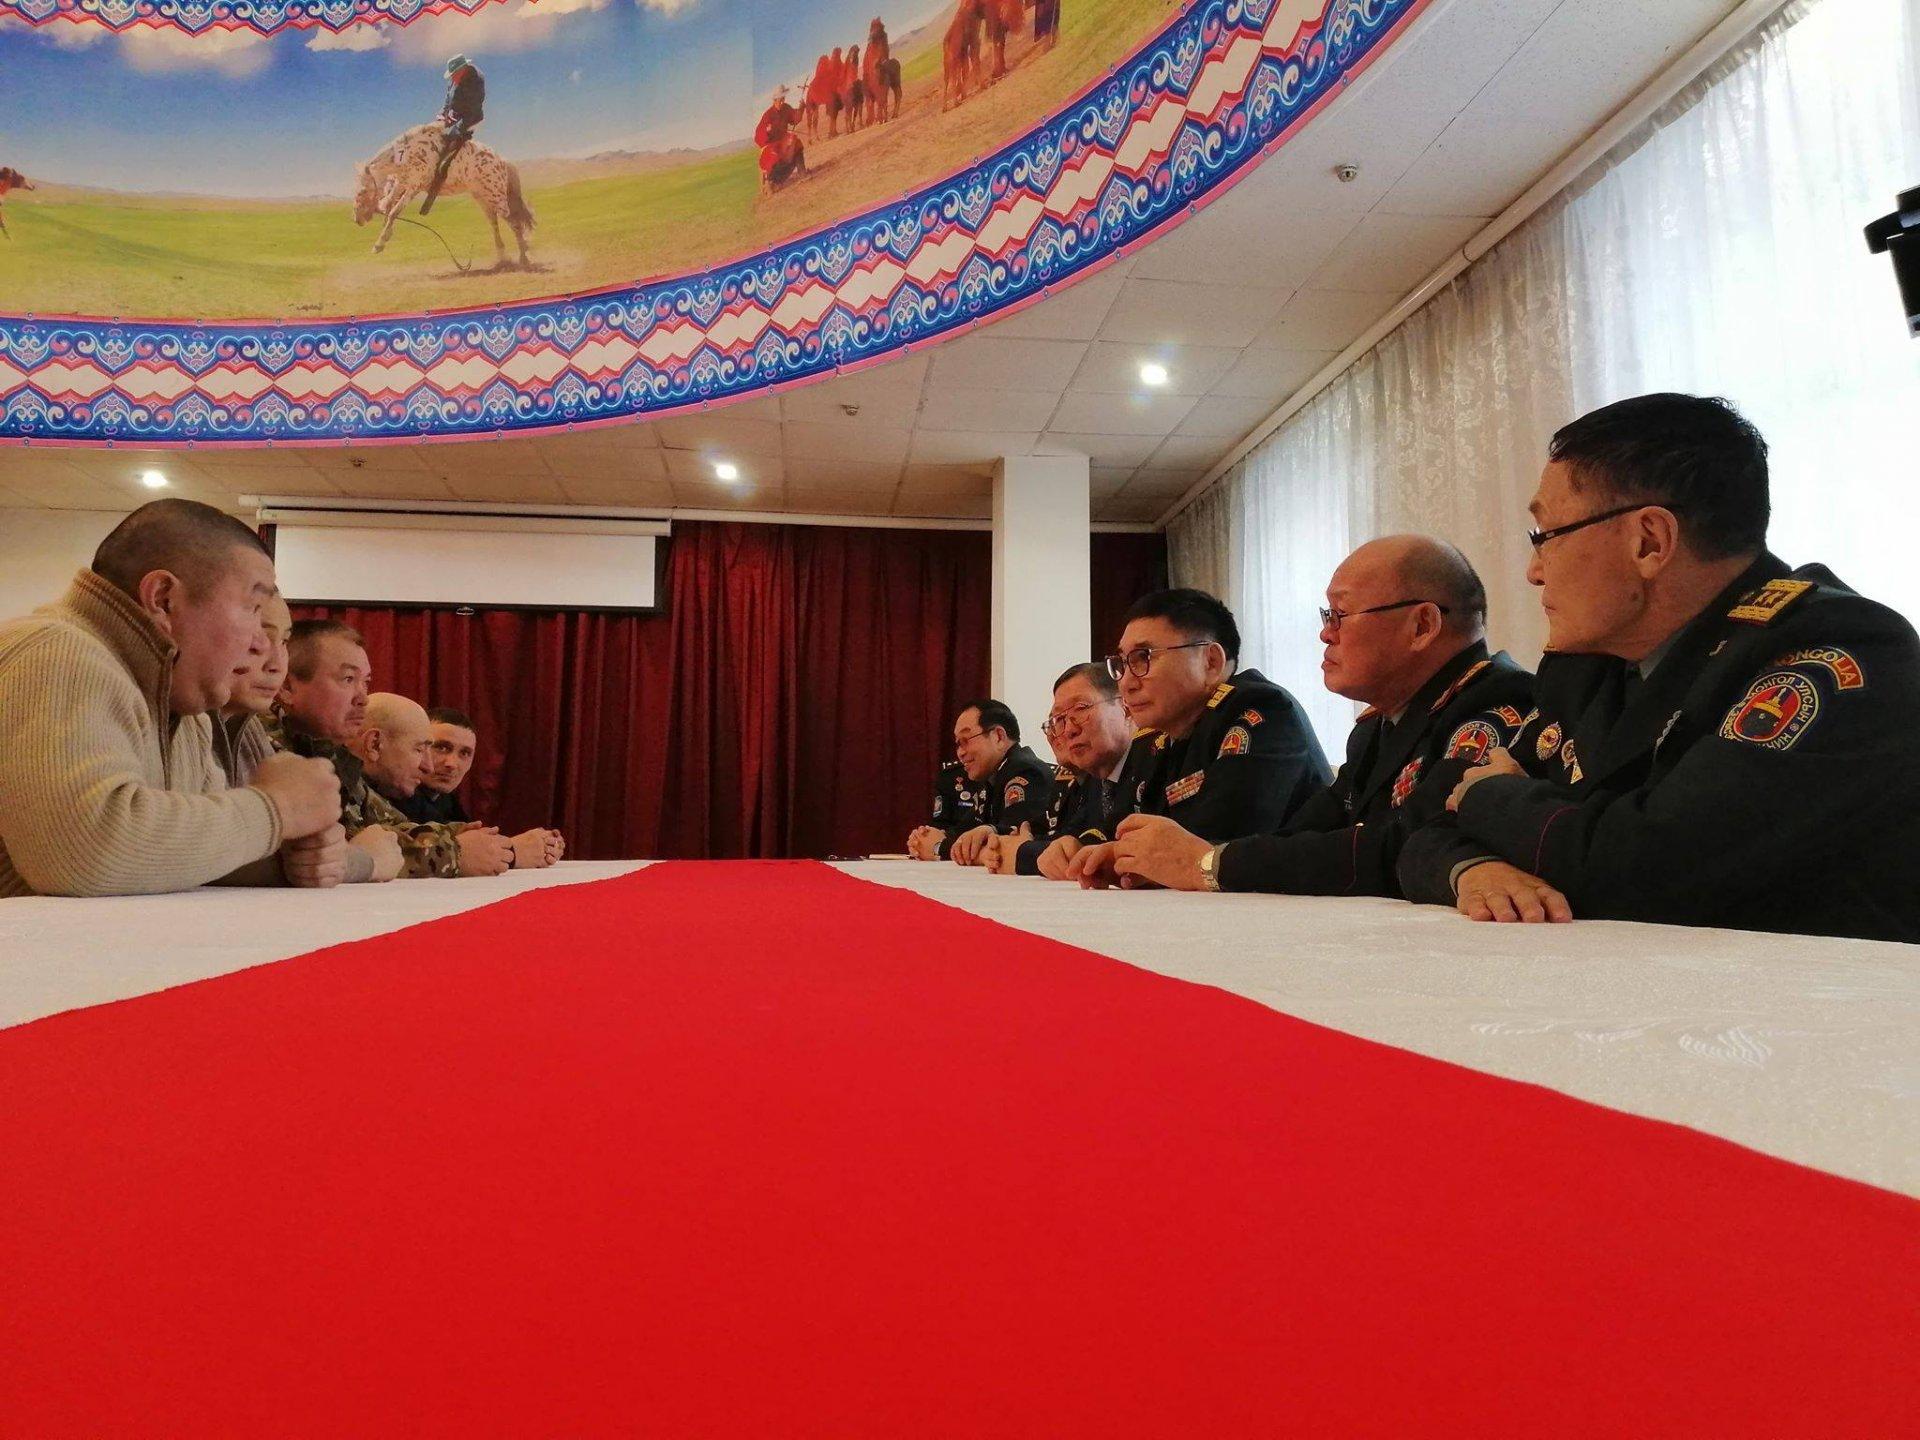 Монгол Улсын генералууд ЗХУ-ын маршал К.К.Рокоссовскийн хөшөө, музейн нээлтэд оролцлоо